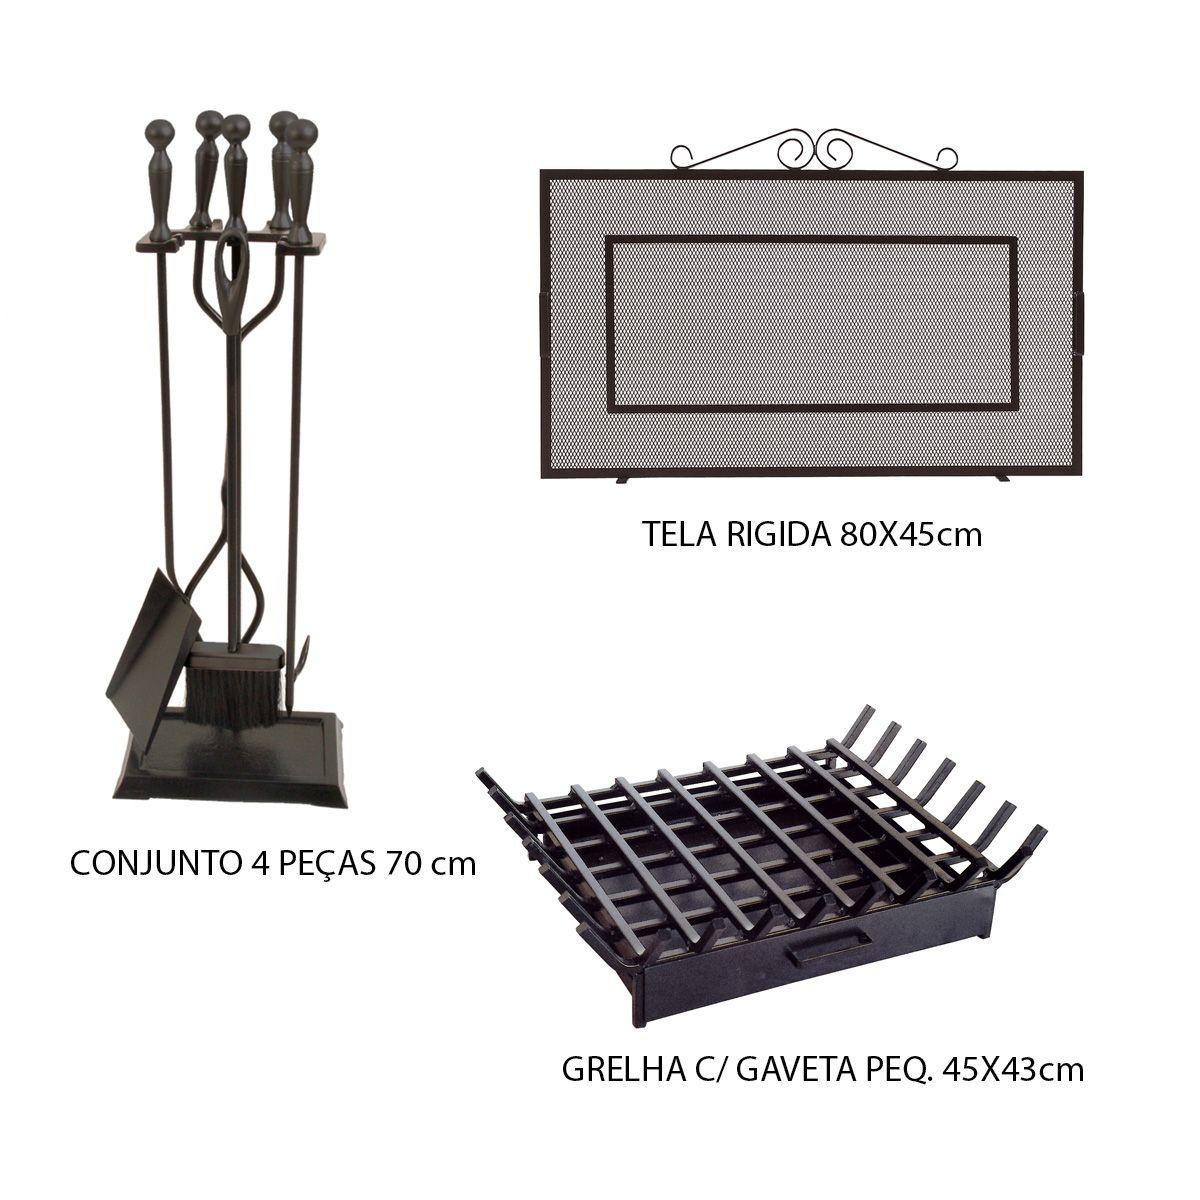 Kit Tela Lareira 80x45 + Cj Limpeza + Grelha Pequena